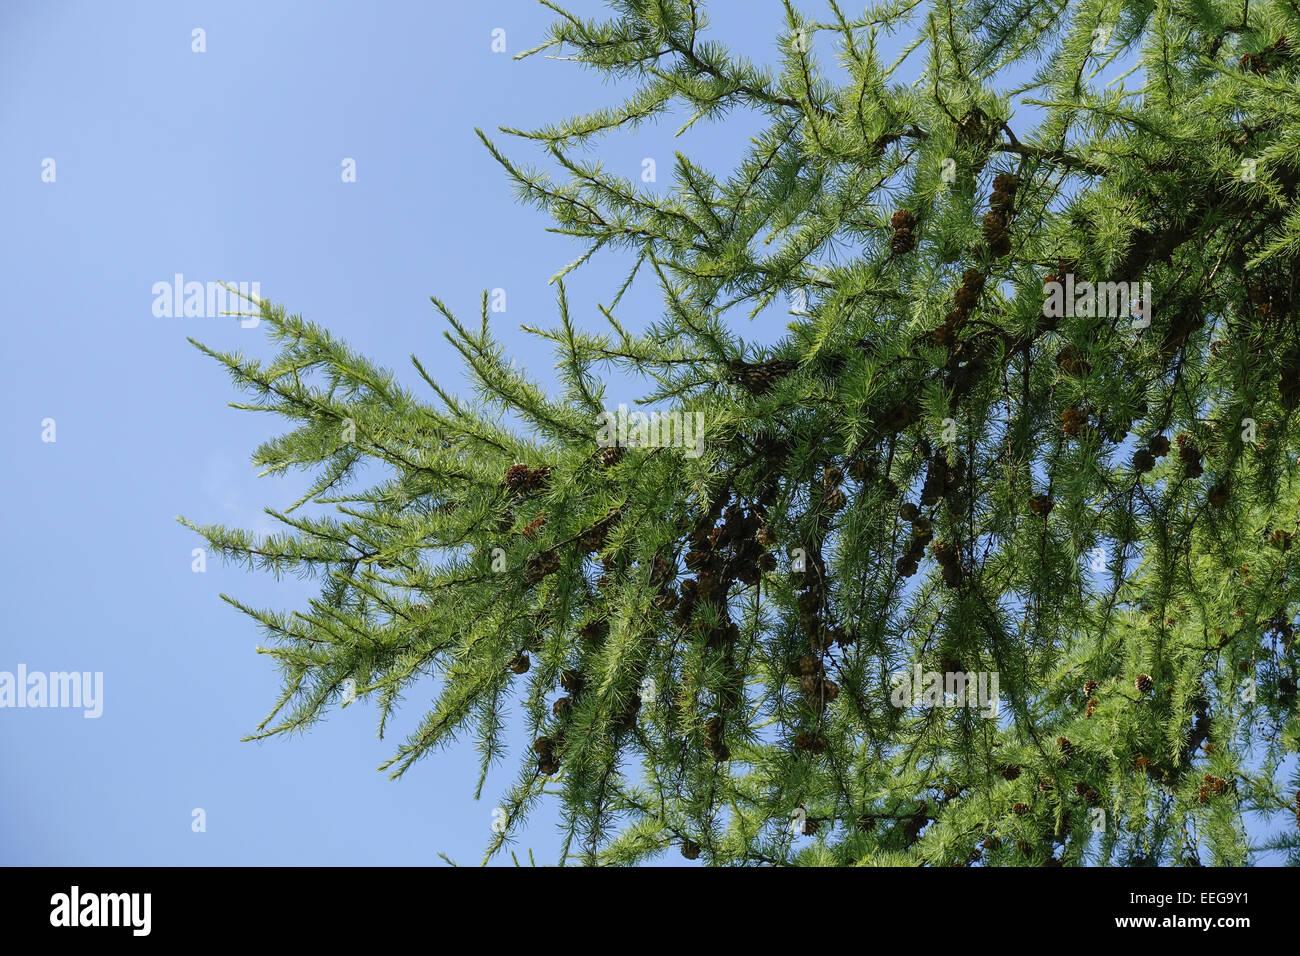 grüne Lärche (Larix) mit Lärchenzapfen, blauer Himmel, green larch (Larix) with larch cones, blue - Stock Image